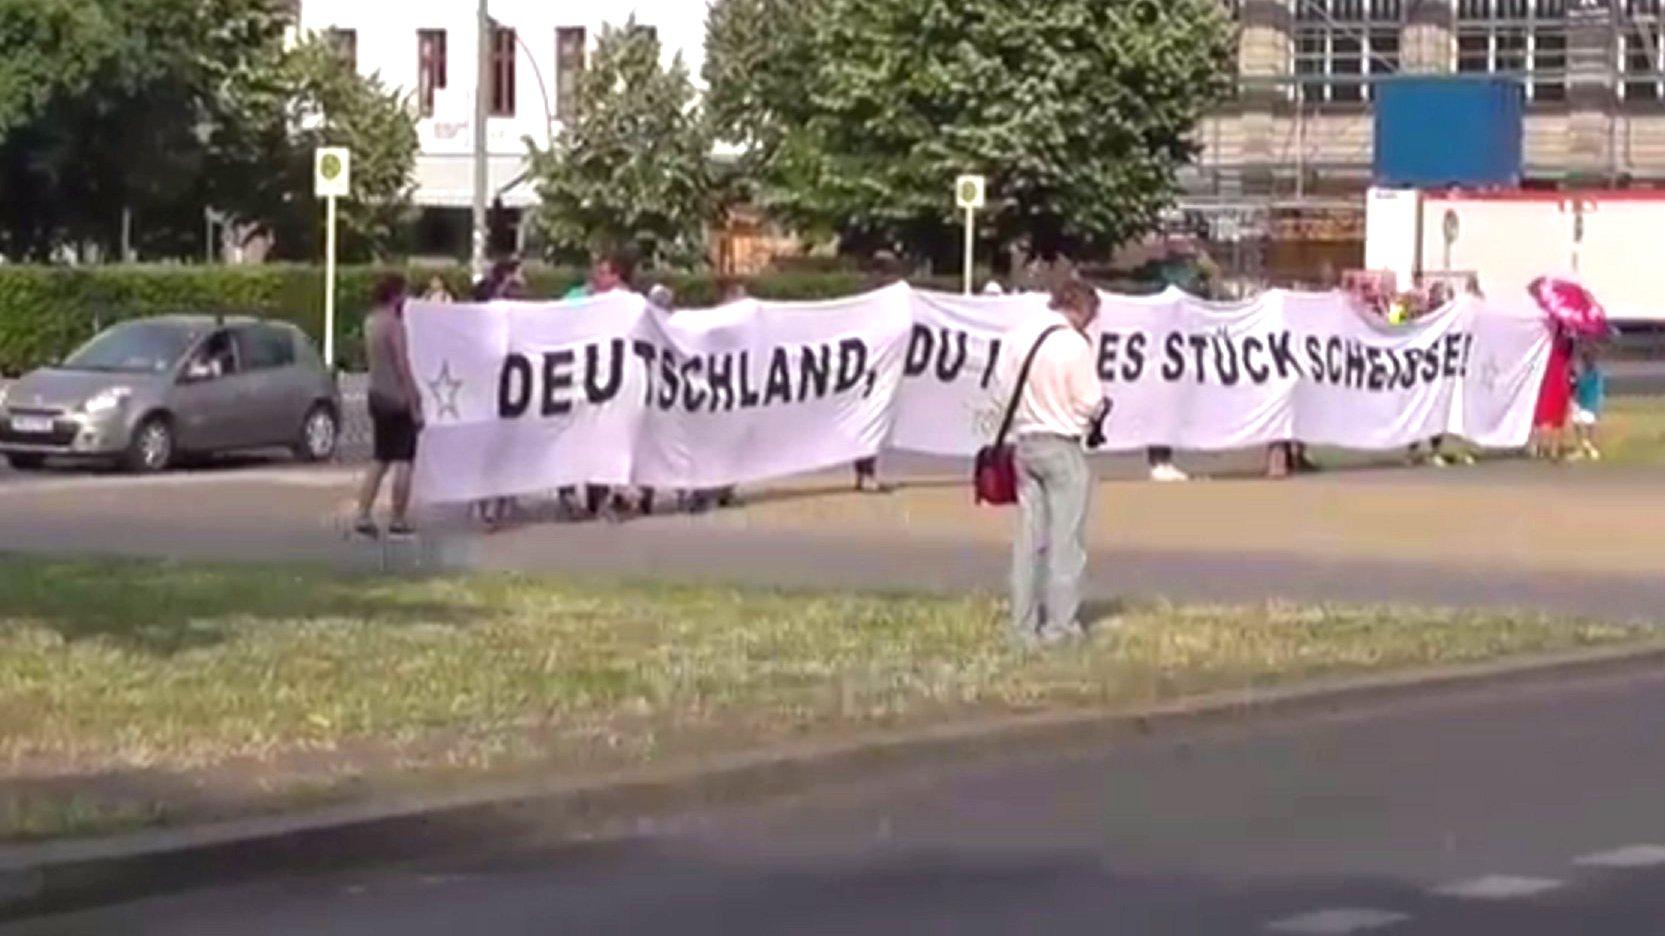 Deutschland, du Stück Scheiße. Berlin, 2015